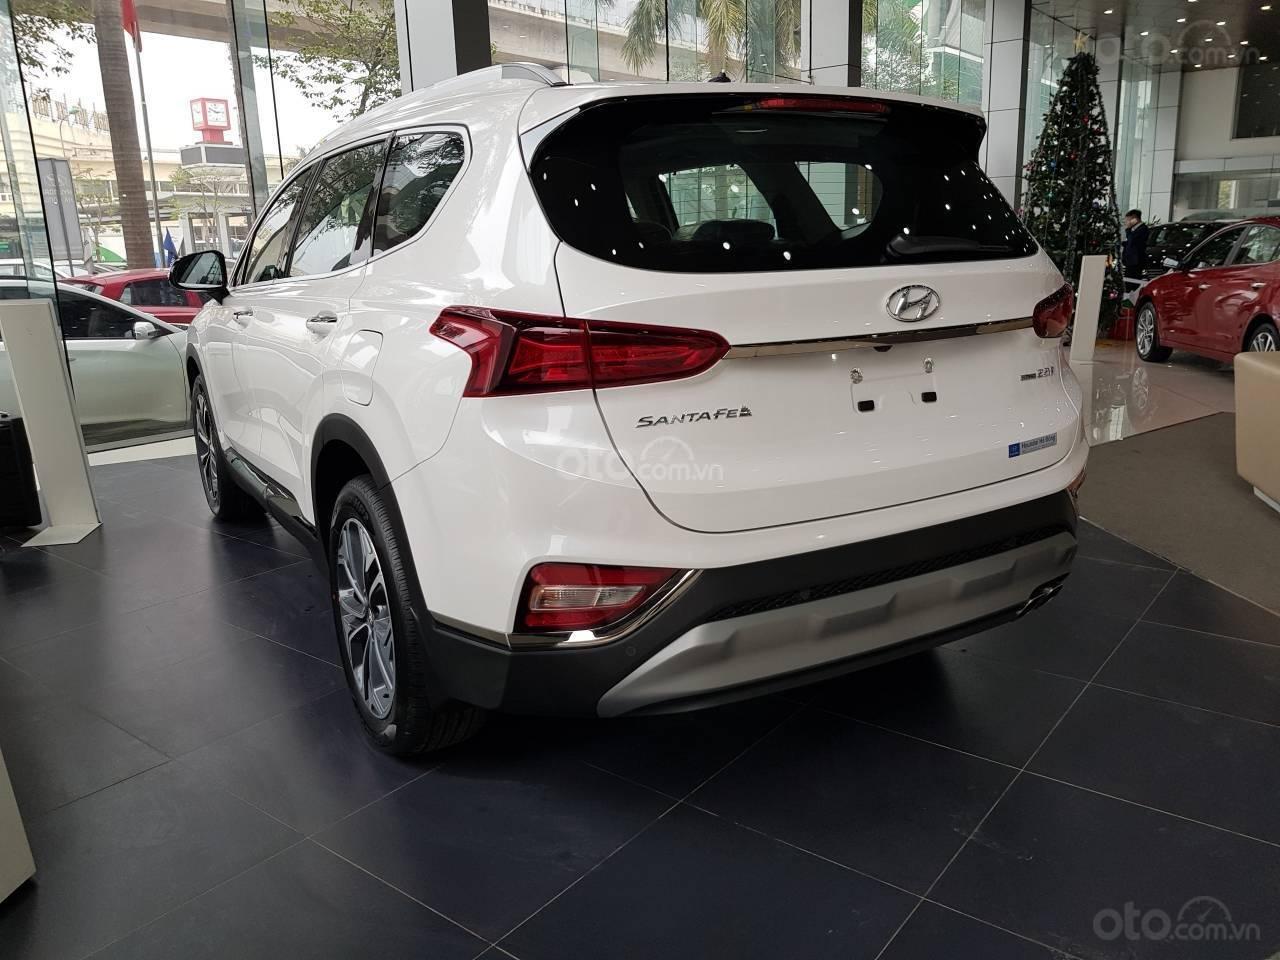 Mẫu Santa Fe 2019 mới nhất - Hyundai Hà Đông. Chỉ với 200tr là lấy xe hỗ trợ trả góp 90%, liên hệ: 0901078111 (3)